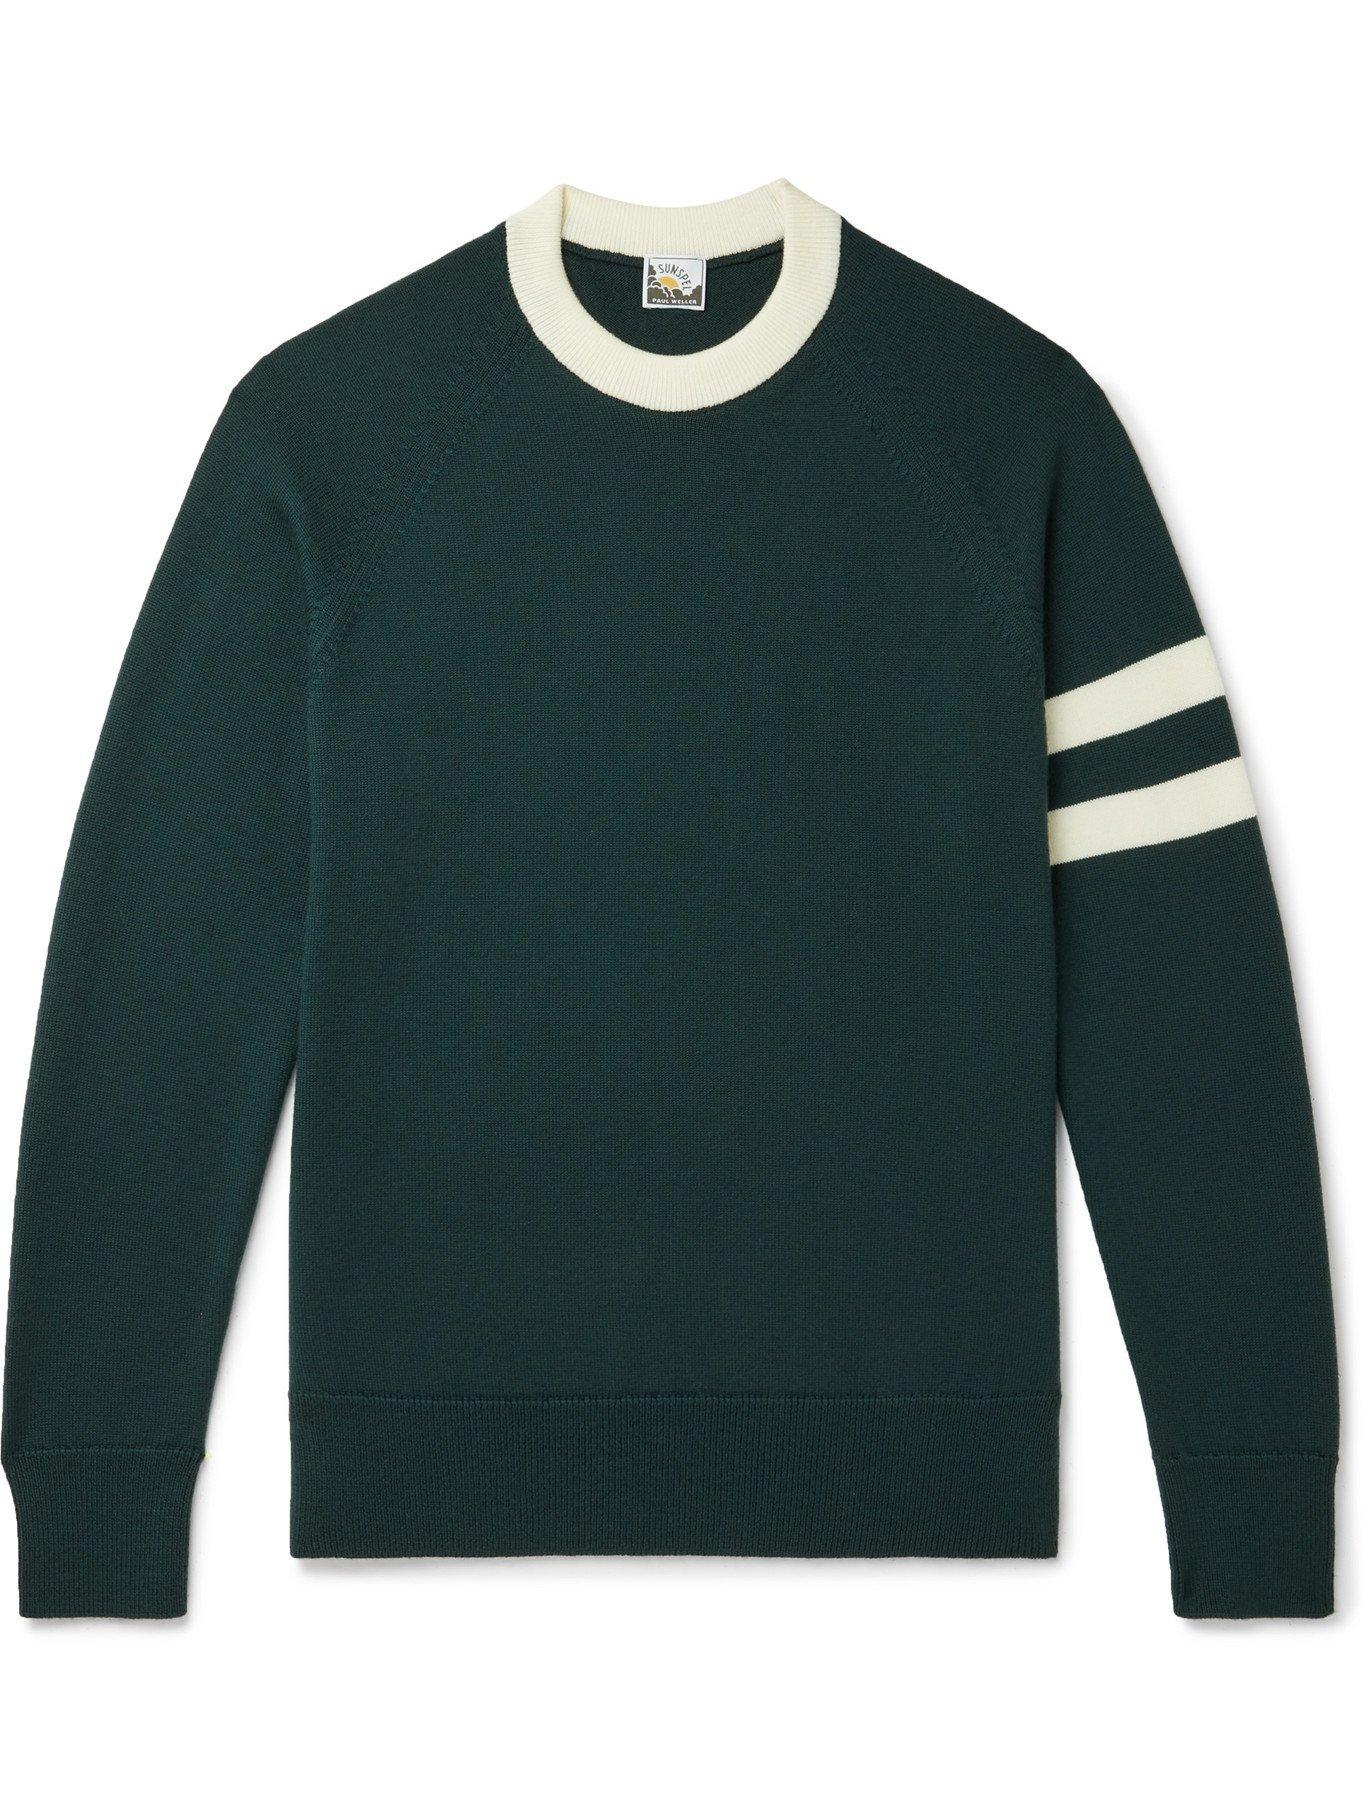 SUNSPEL - Paul Weller Striped Merino Wool Sweater - Green